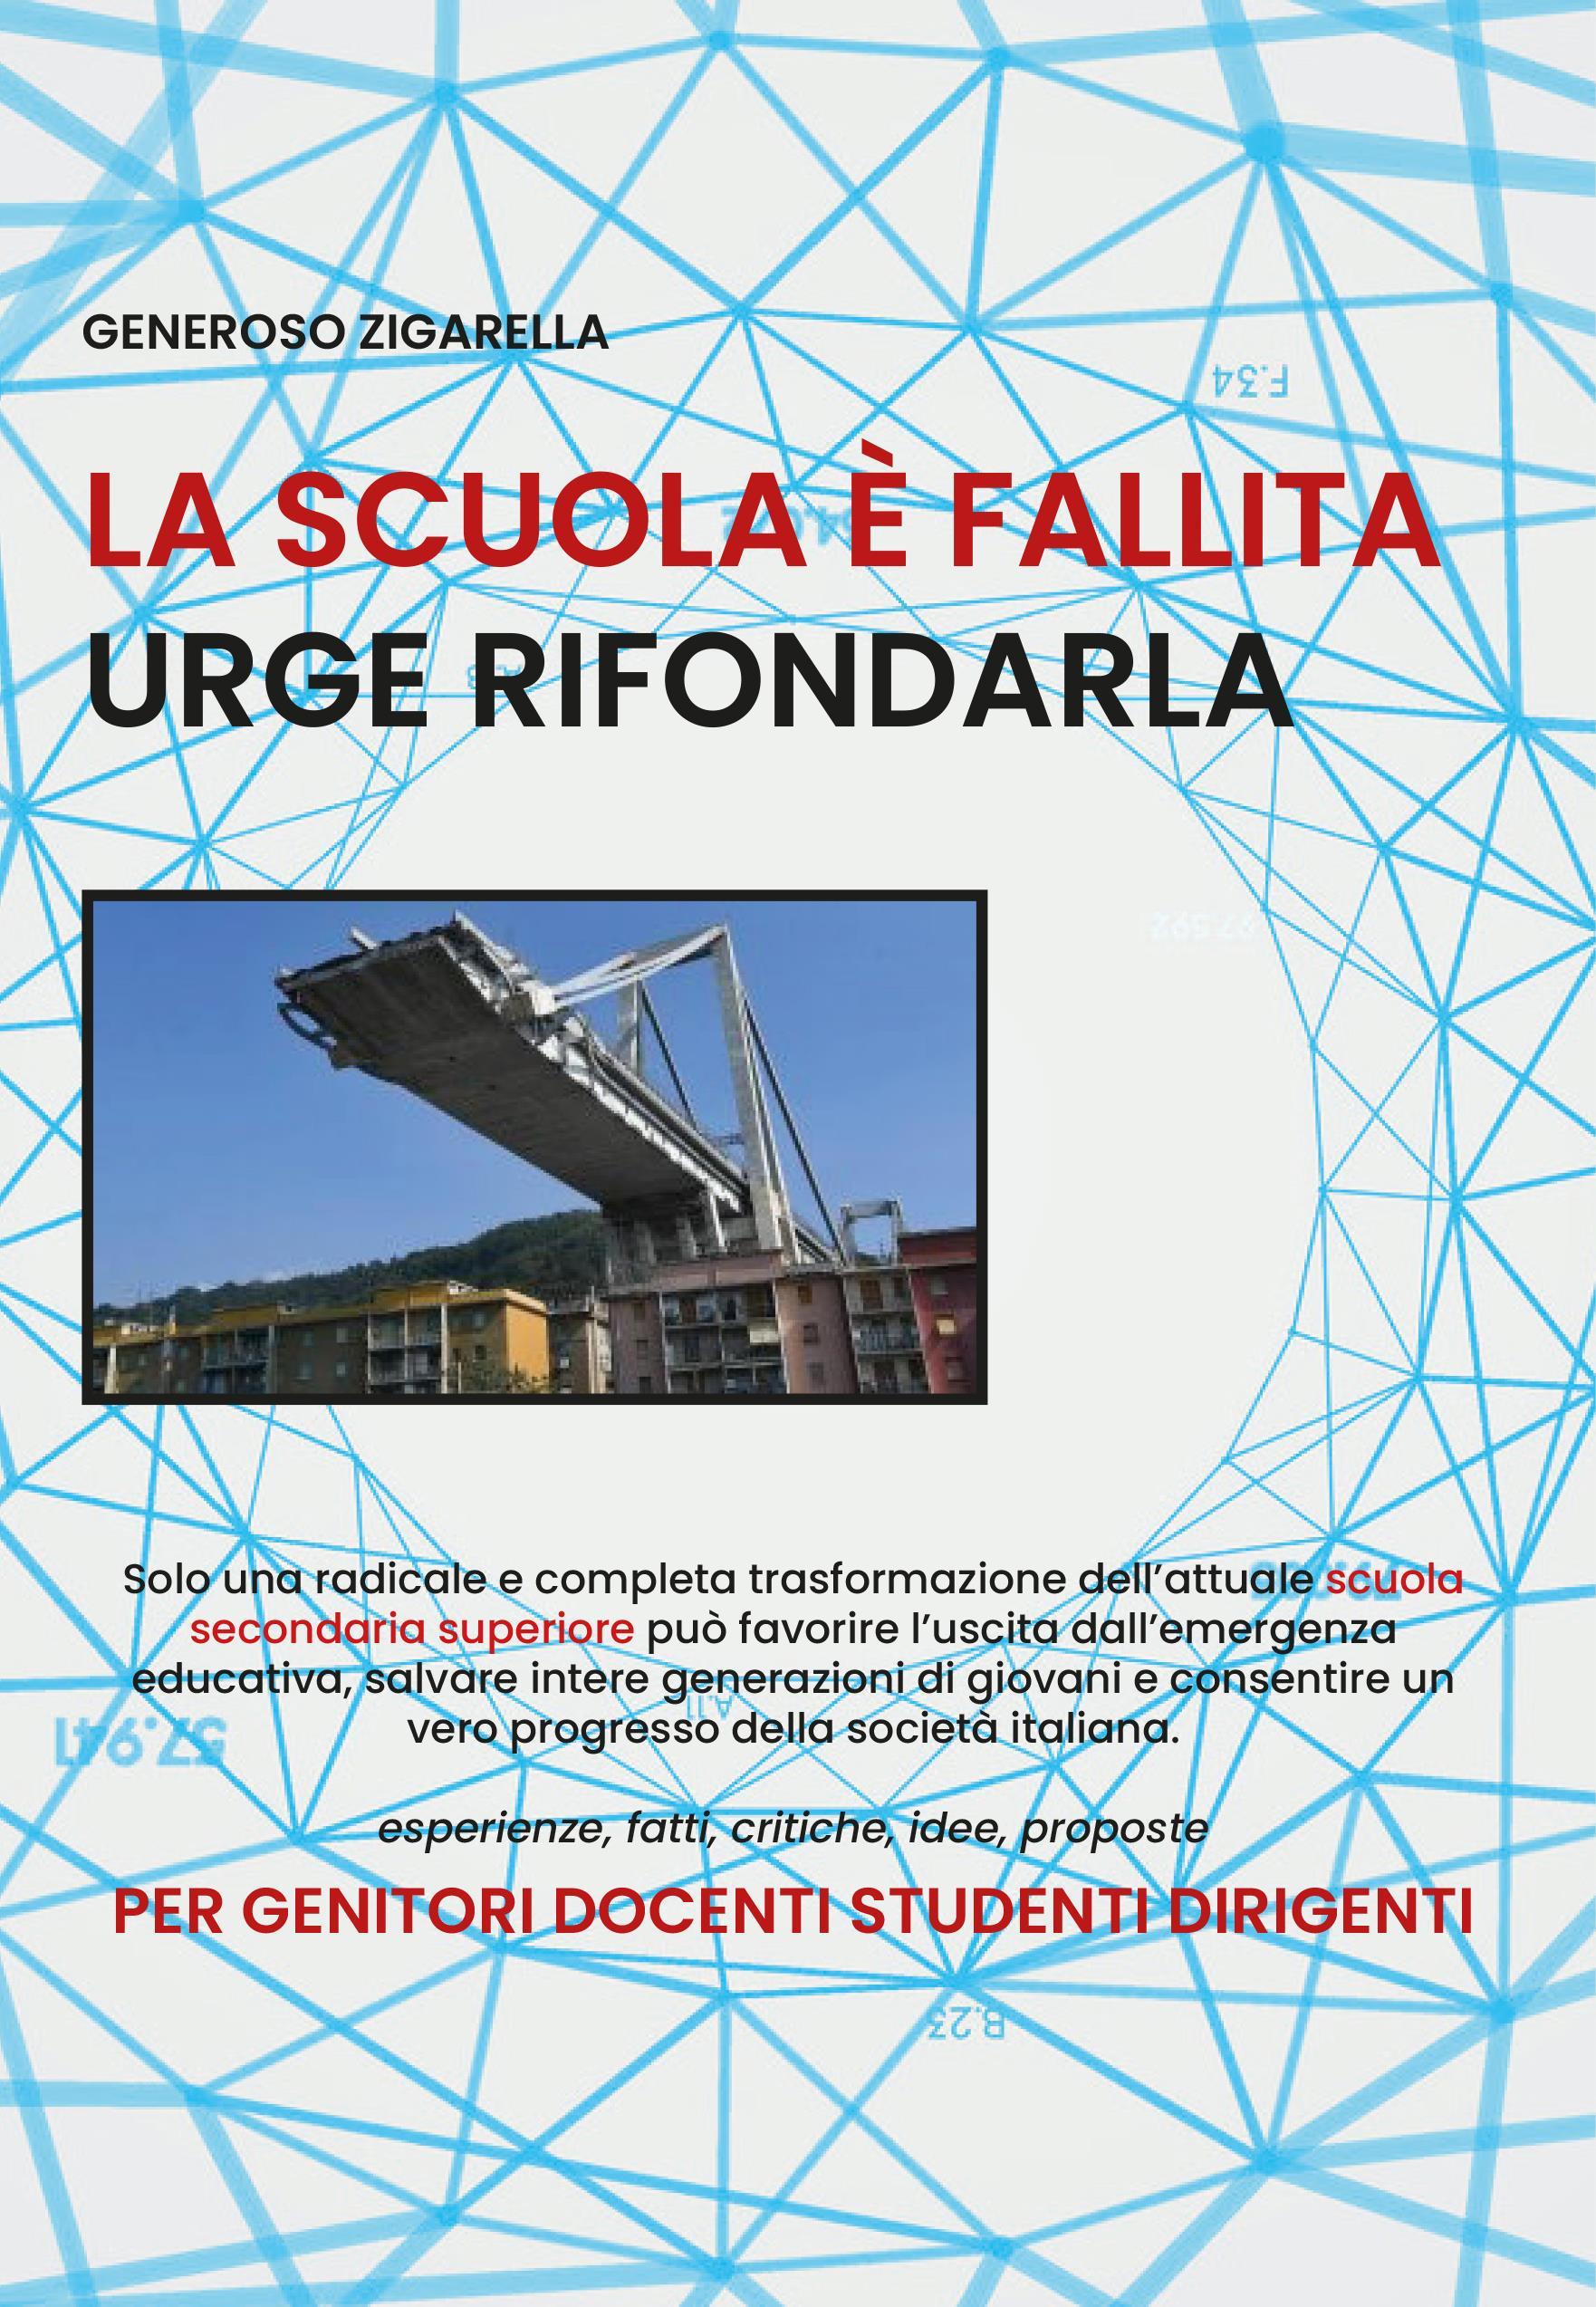 La scuola è fallita urge rifondarla